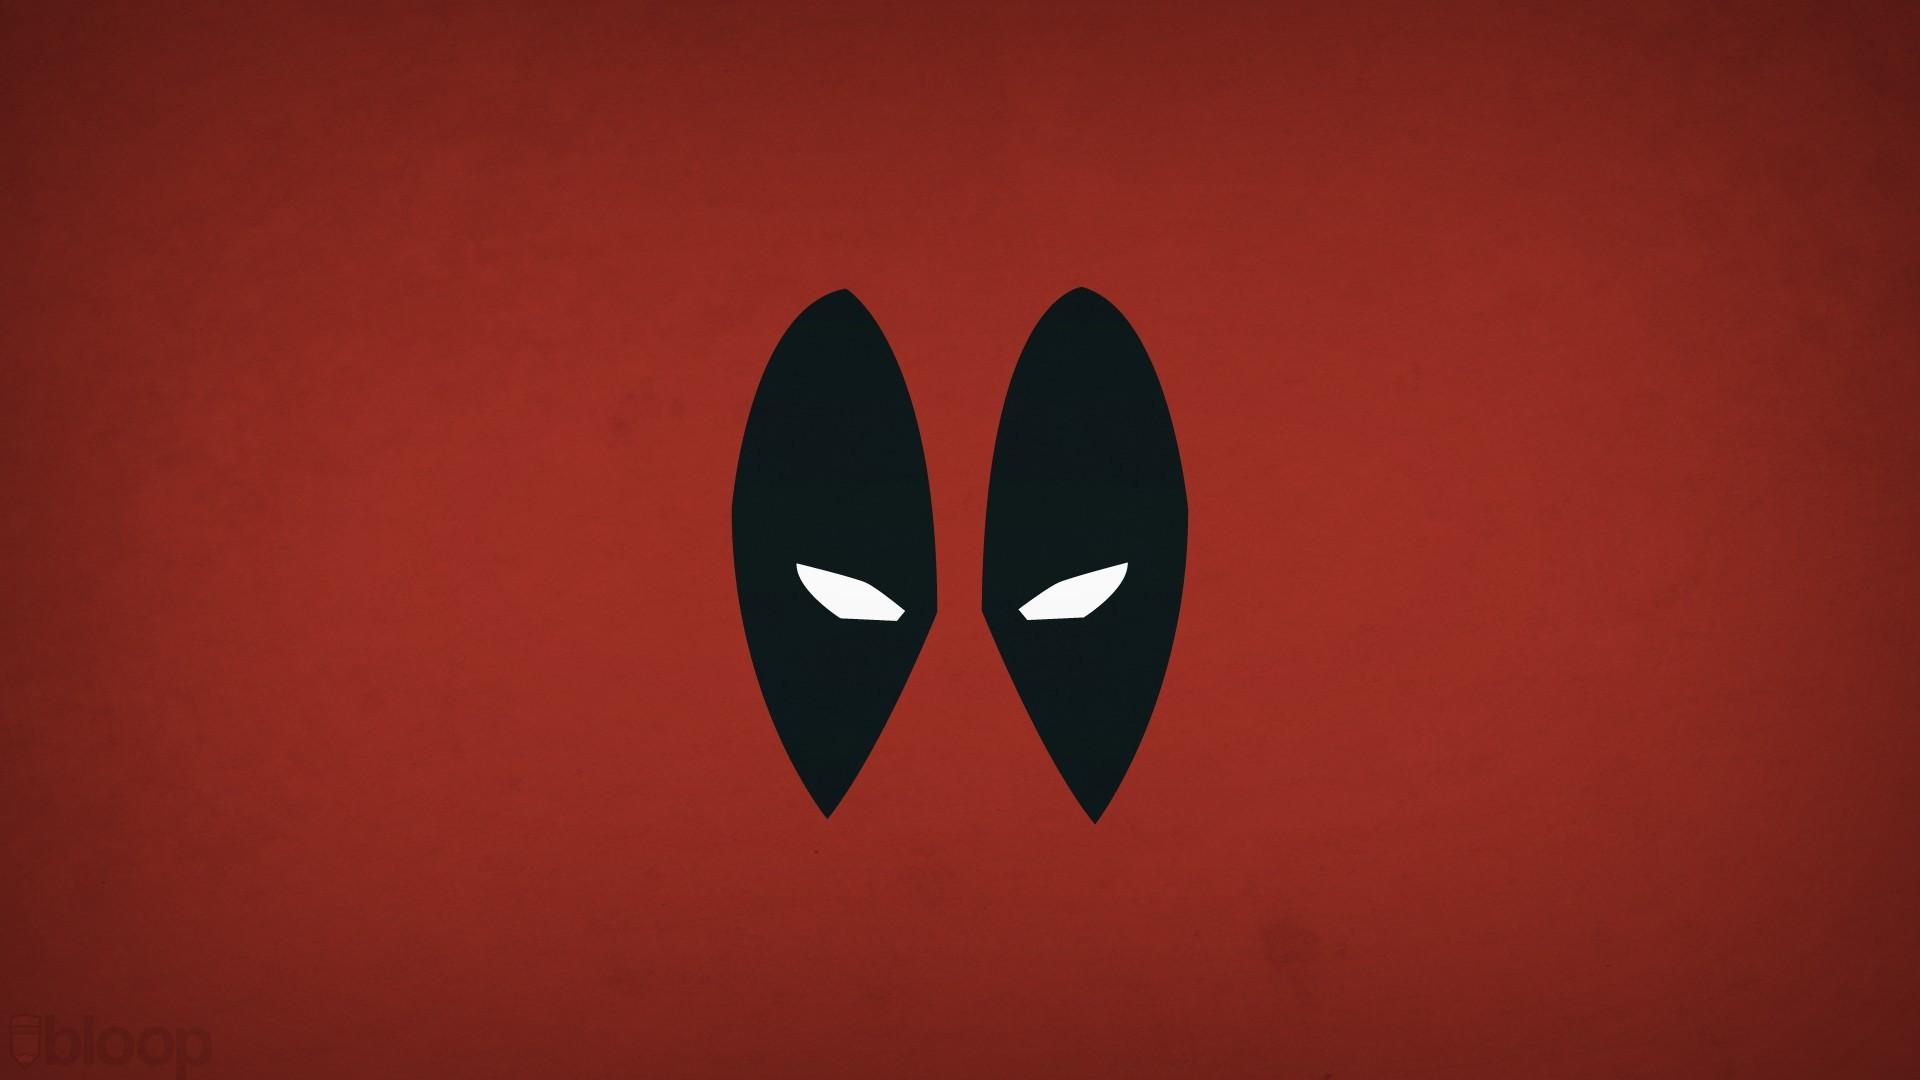 Deadpool Superhero Blo0p